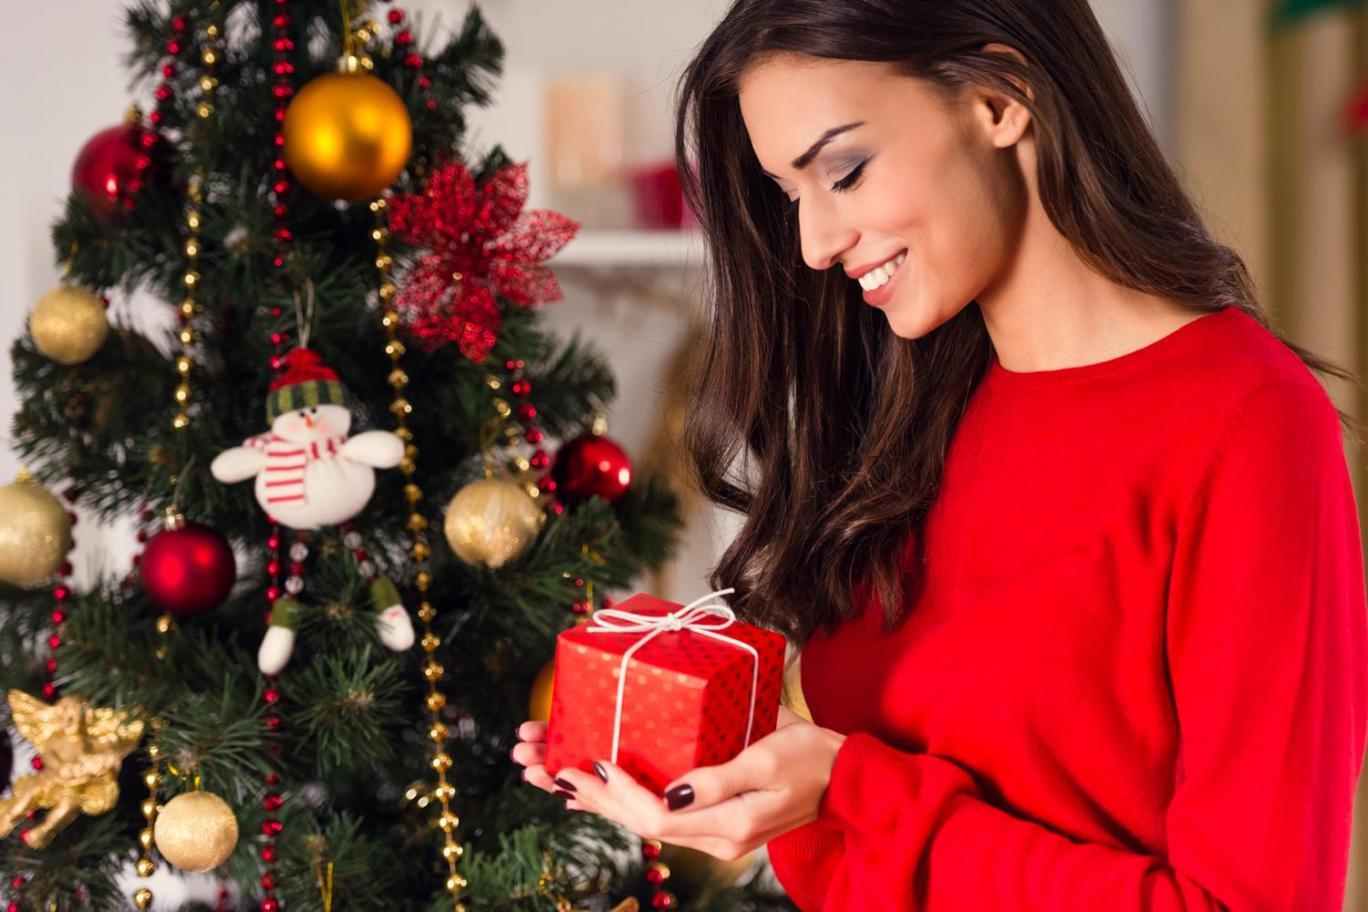 Natale, un gioiello per tutti sotto l'albero